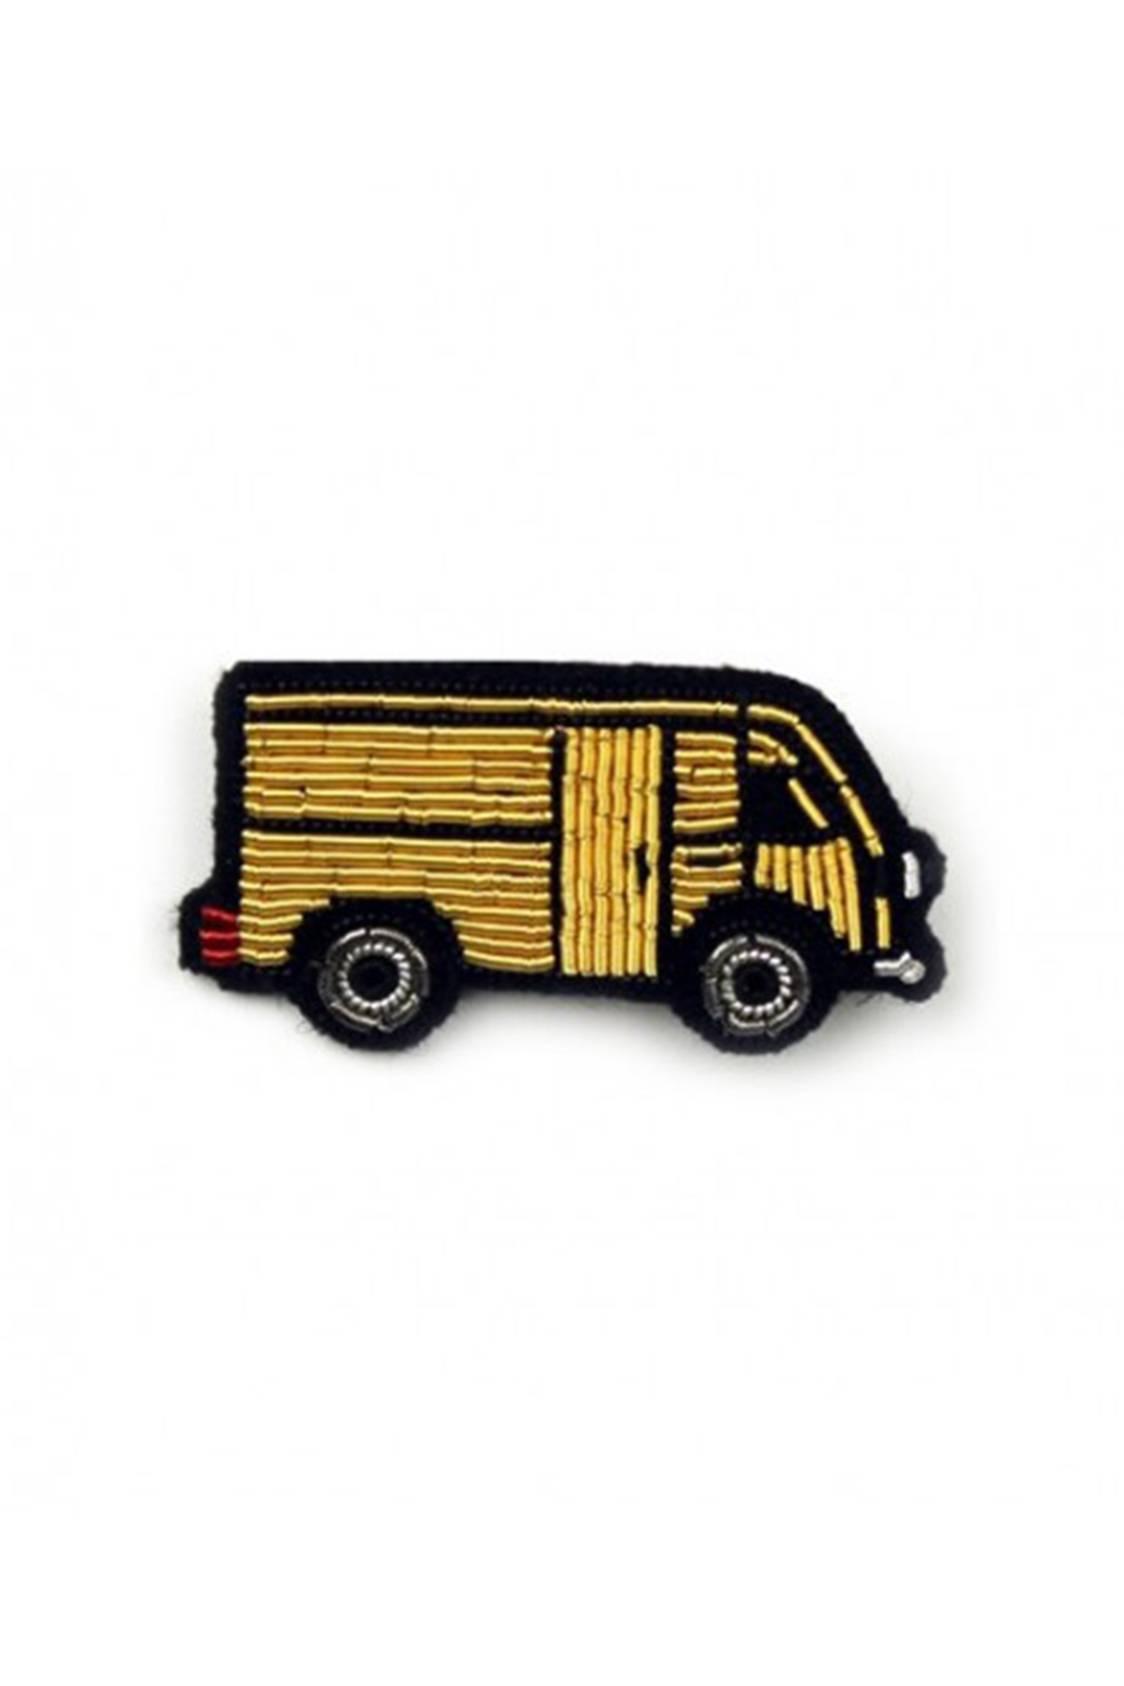 Yellow Truck Pin